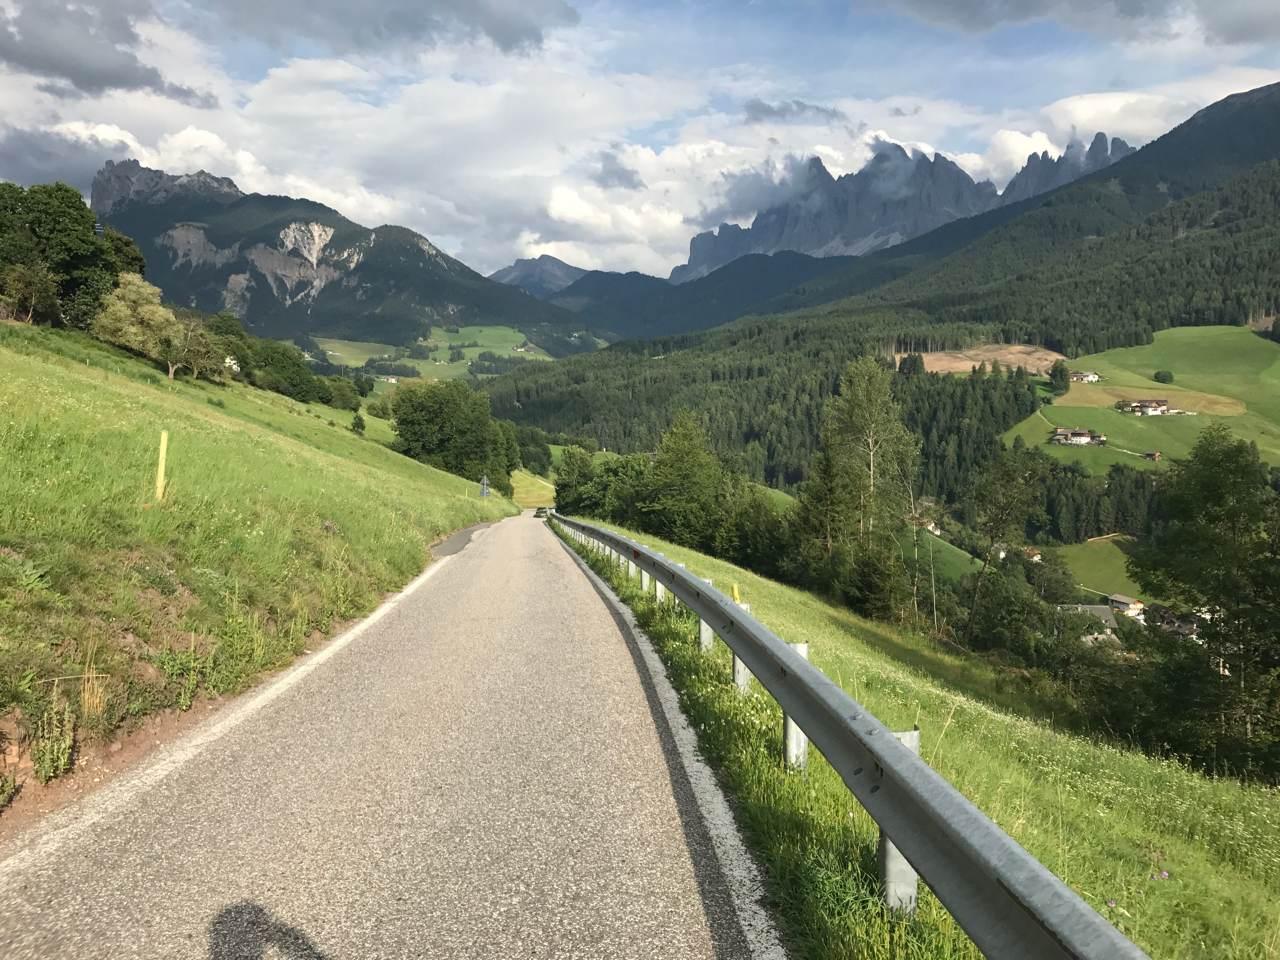 Rennradtour Grödner Joch - Würzjoch: Villnösstal